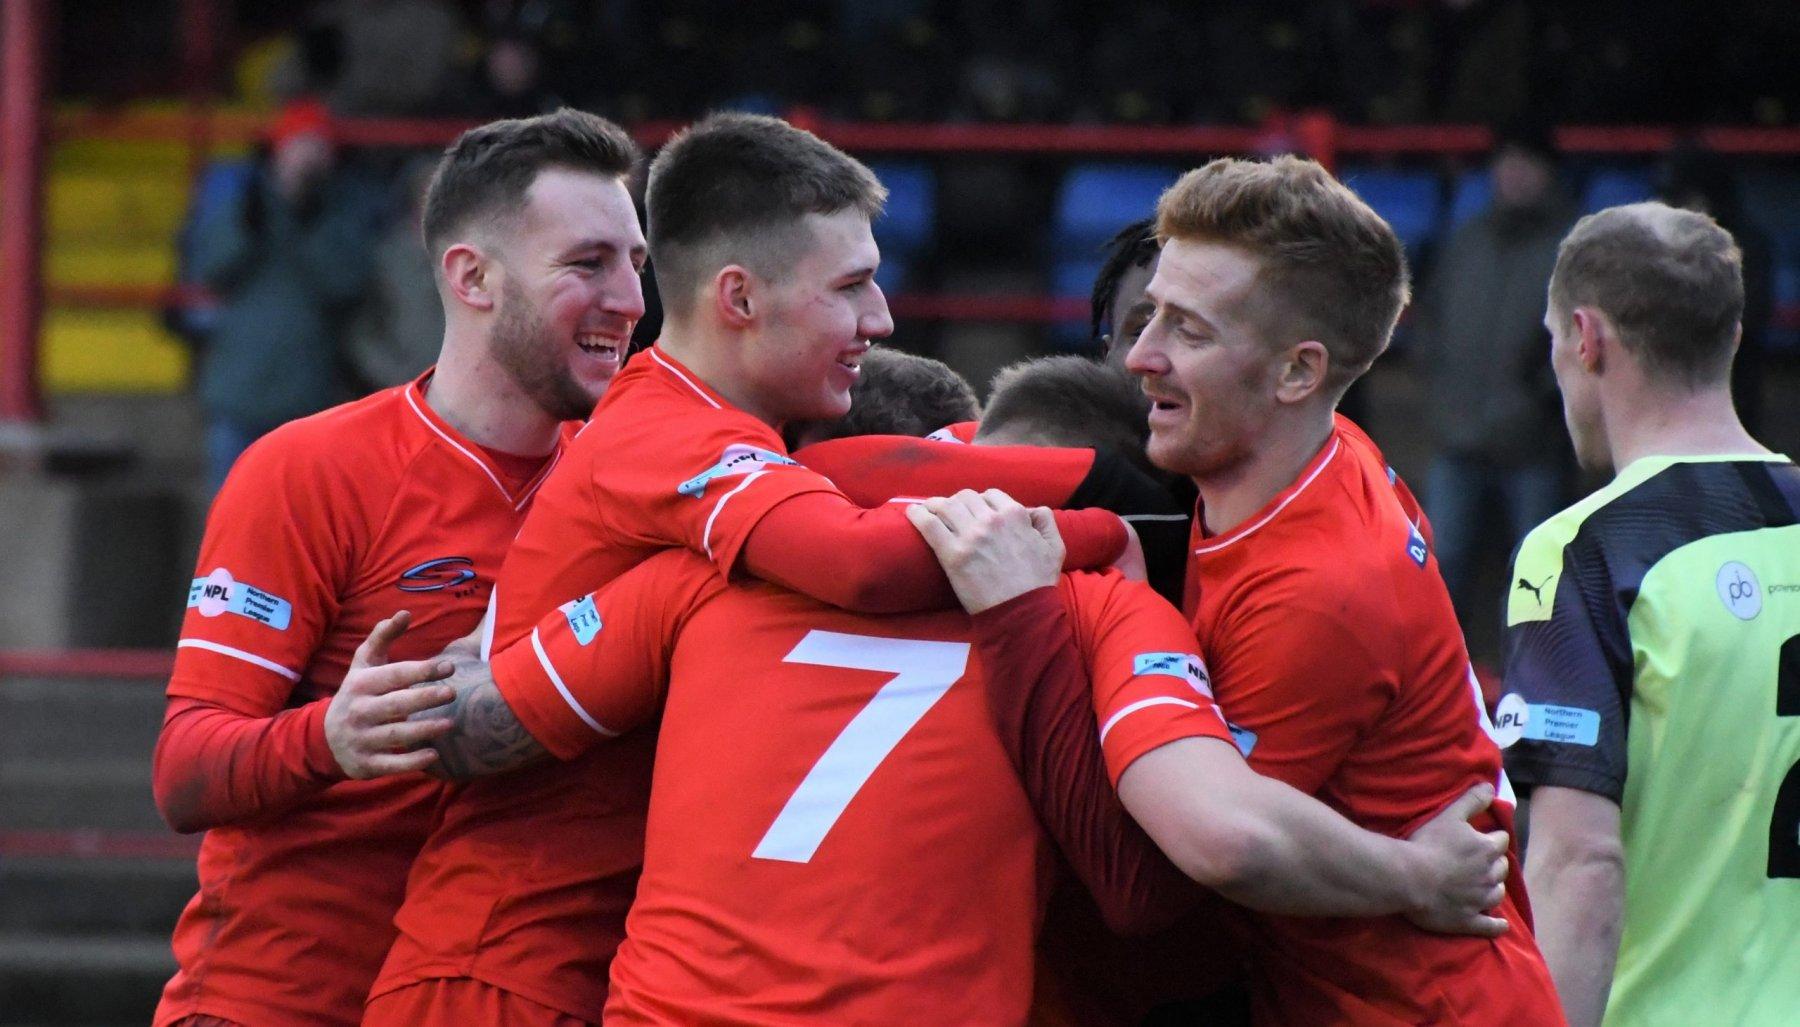 Workington-Reds-v-Ossett-Utd-Ben-Challis-27-scaled